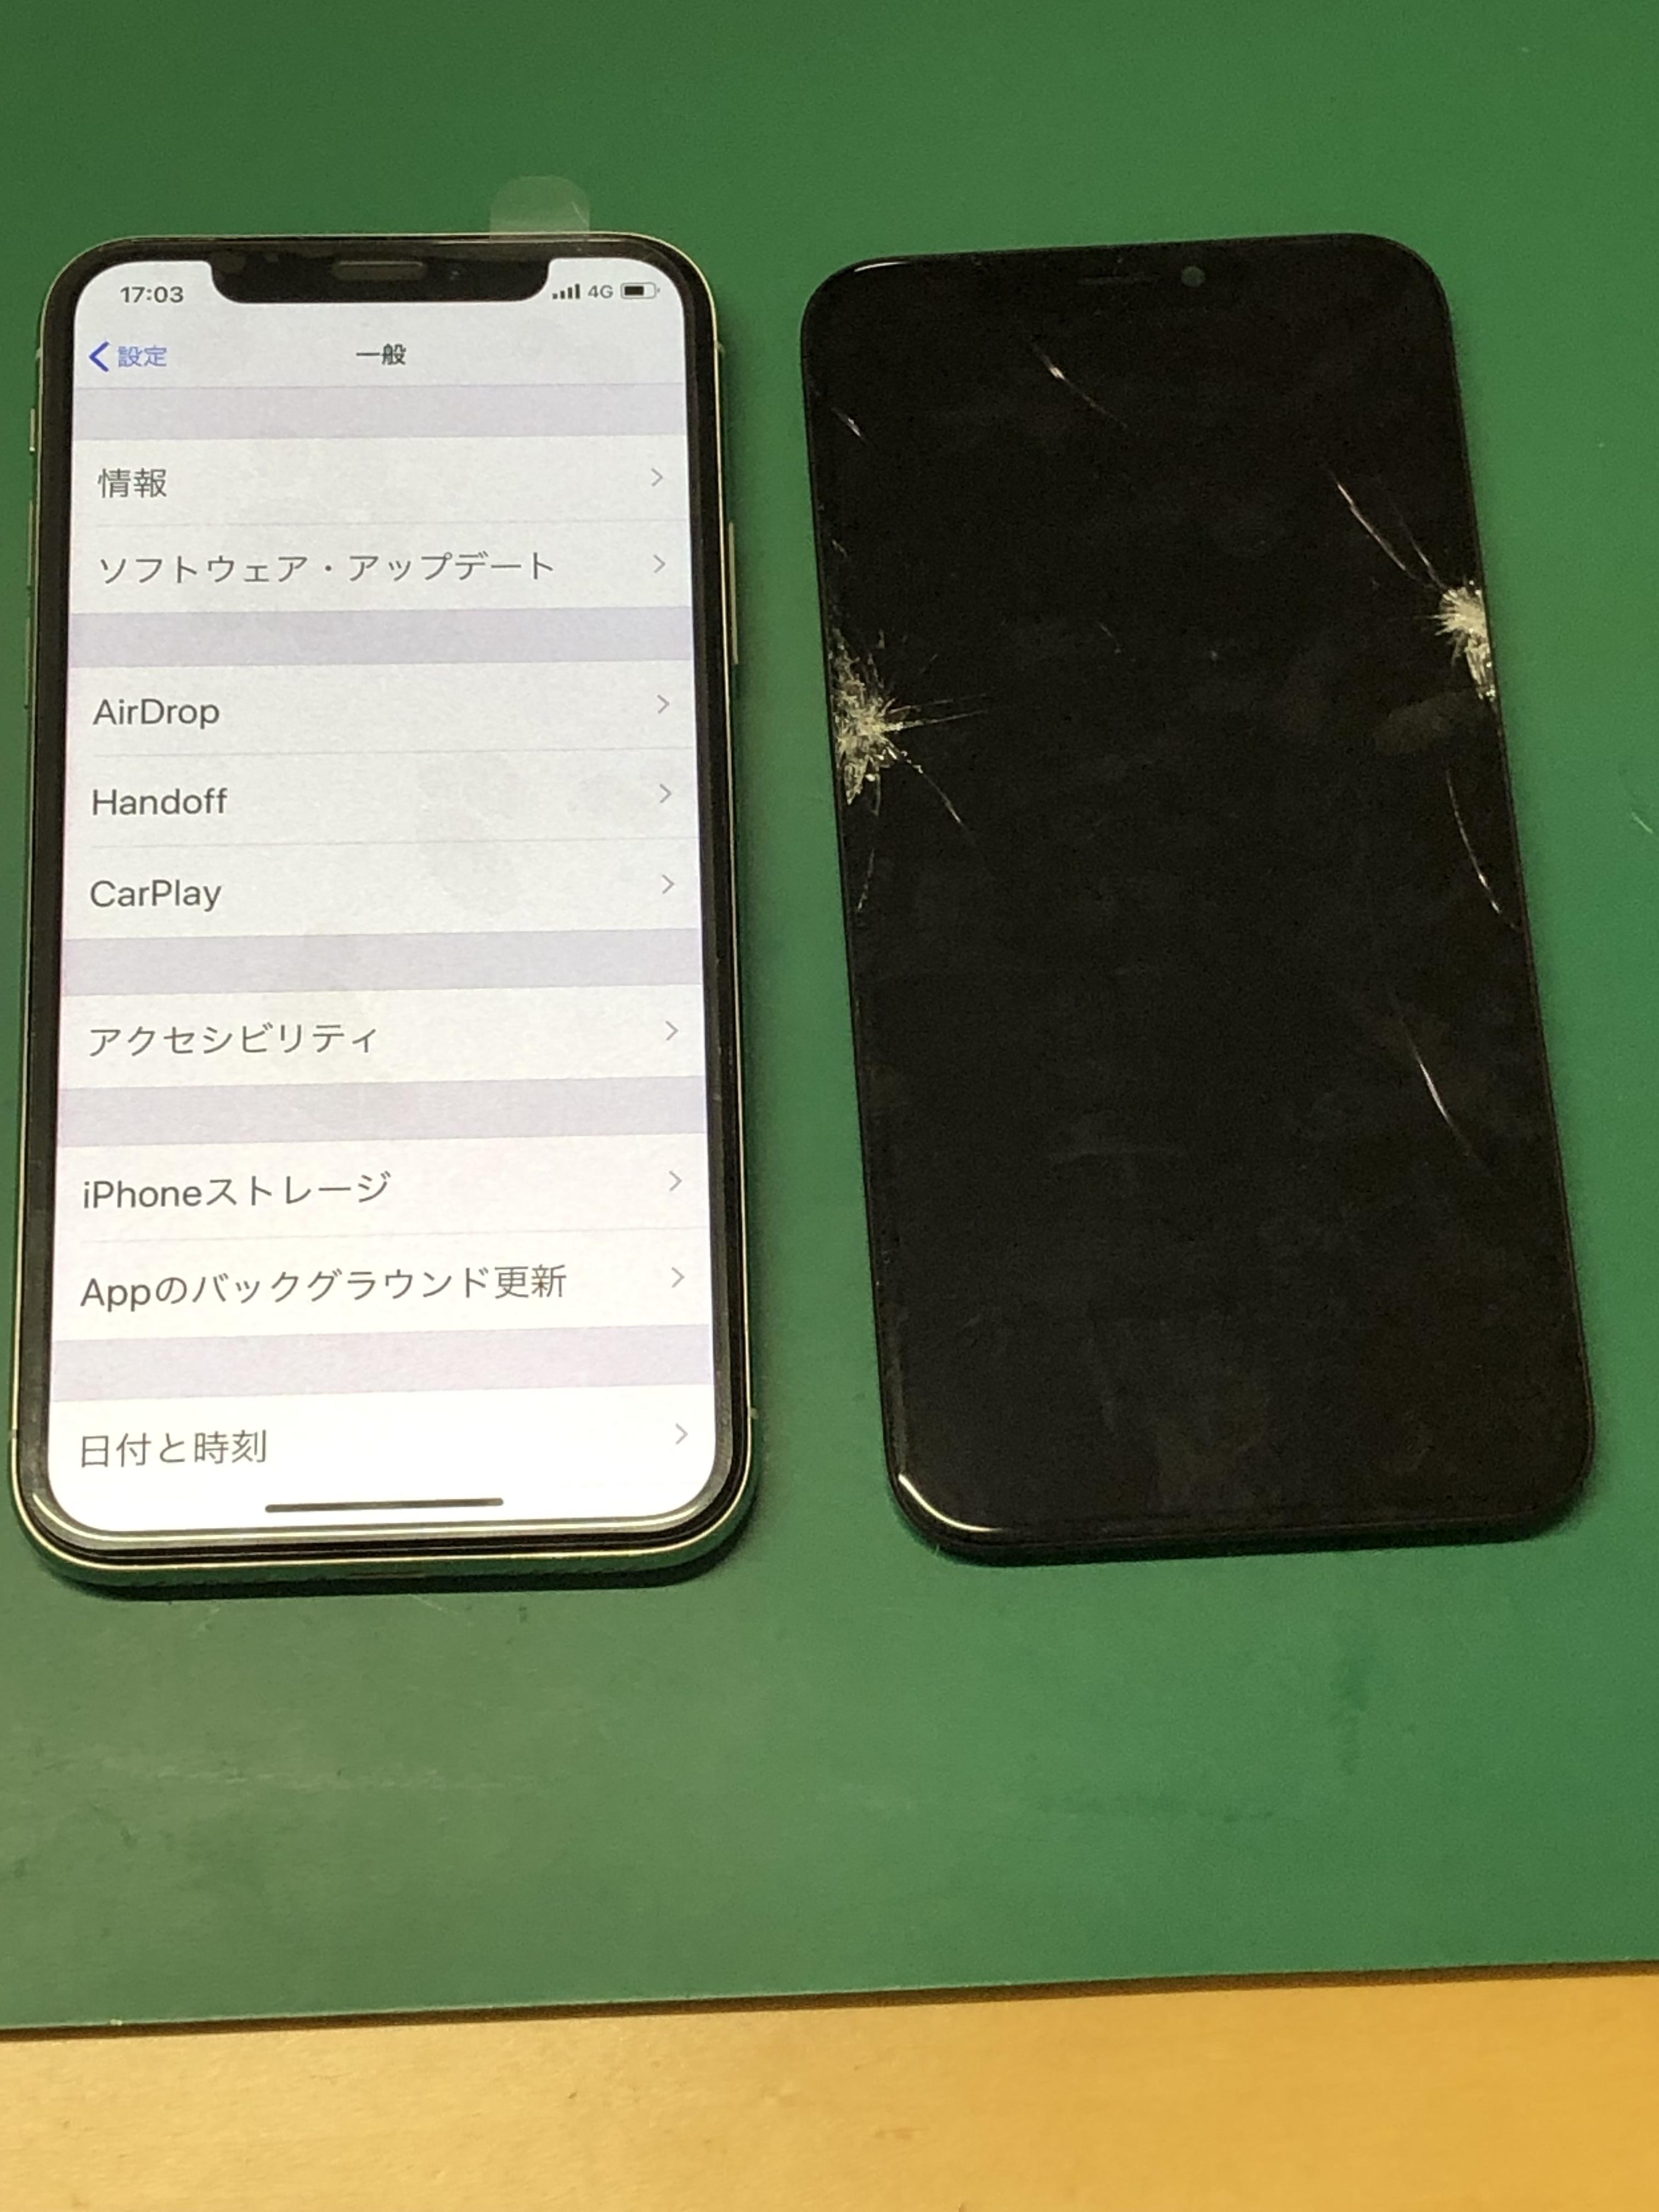 【修理事例:iPhoneXガラス割れ、タッチ不良】ガラスが割れ、画面上半分のタッチ操作ができなくなり修理依頼をいただきました。iPhoneXはホームボタンがなく、タッチ操作ができないと大変不自由になります。20分程でお渡し可能です。